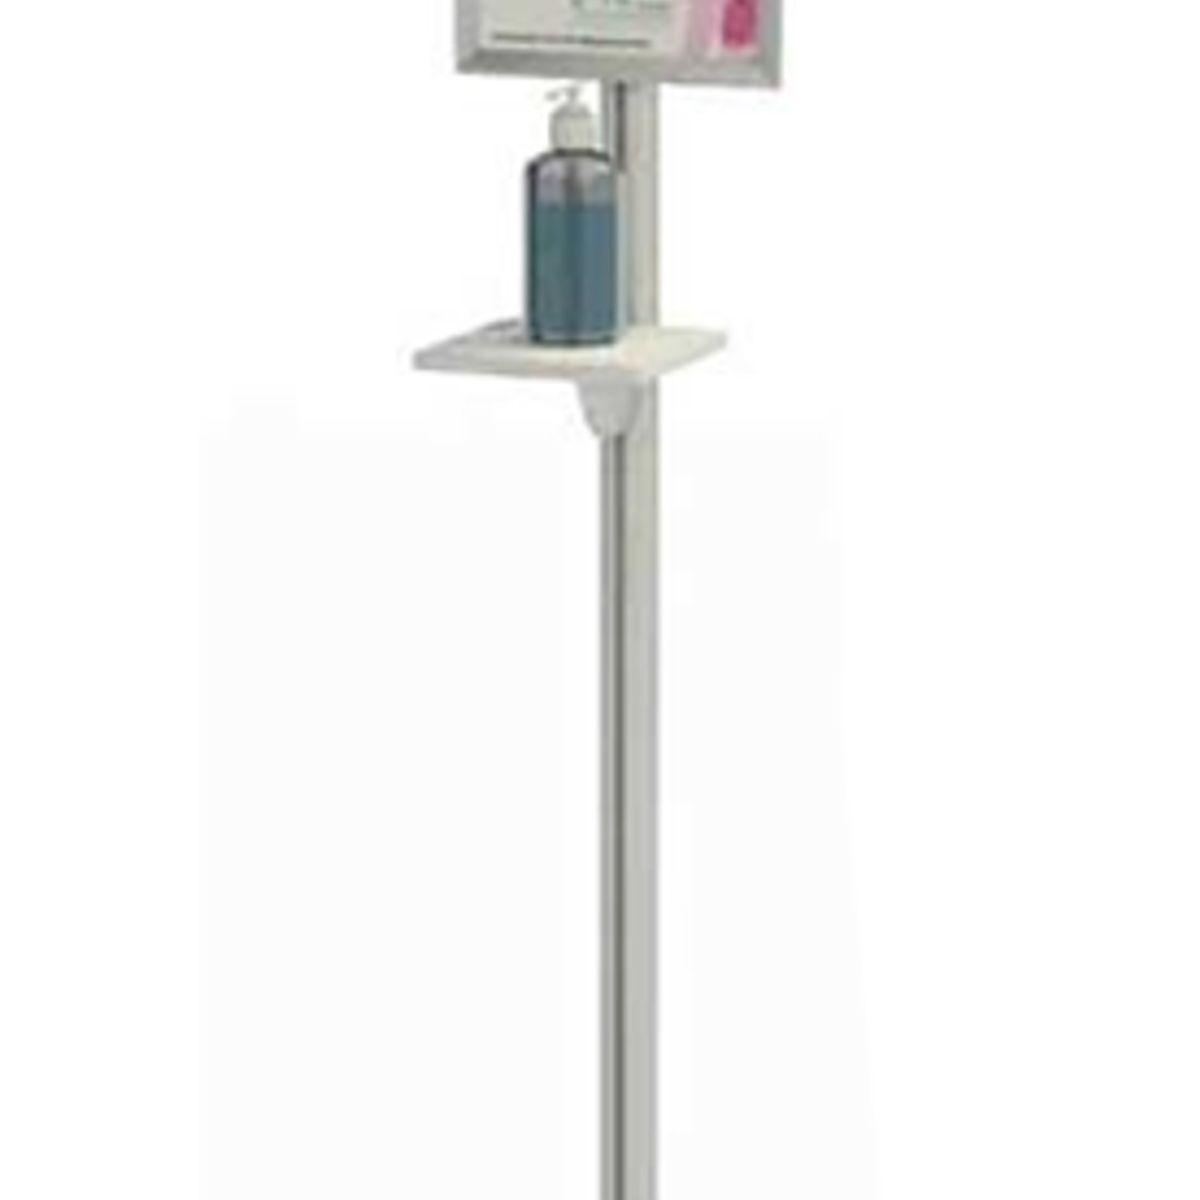 Σταντ για Dispenser με ενημερωτικό Α3